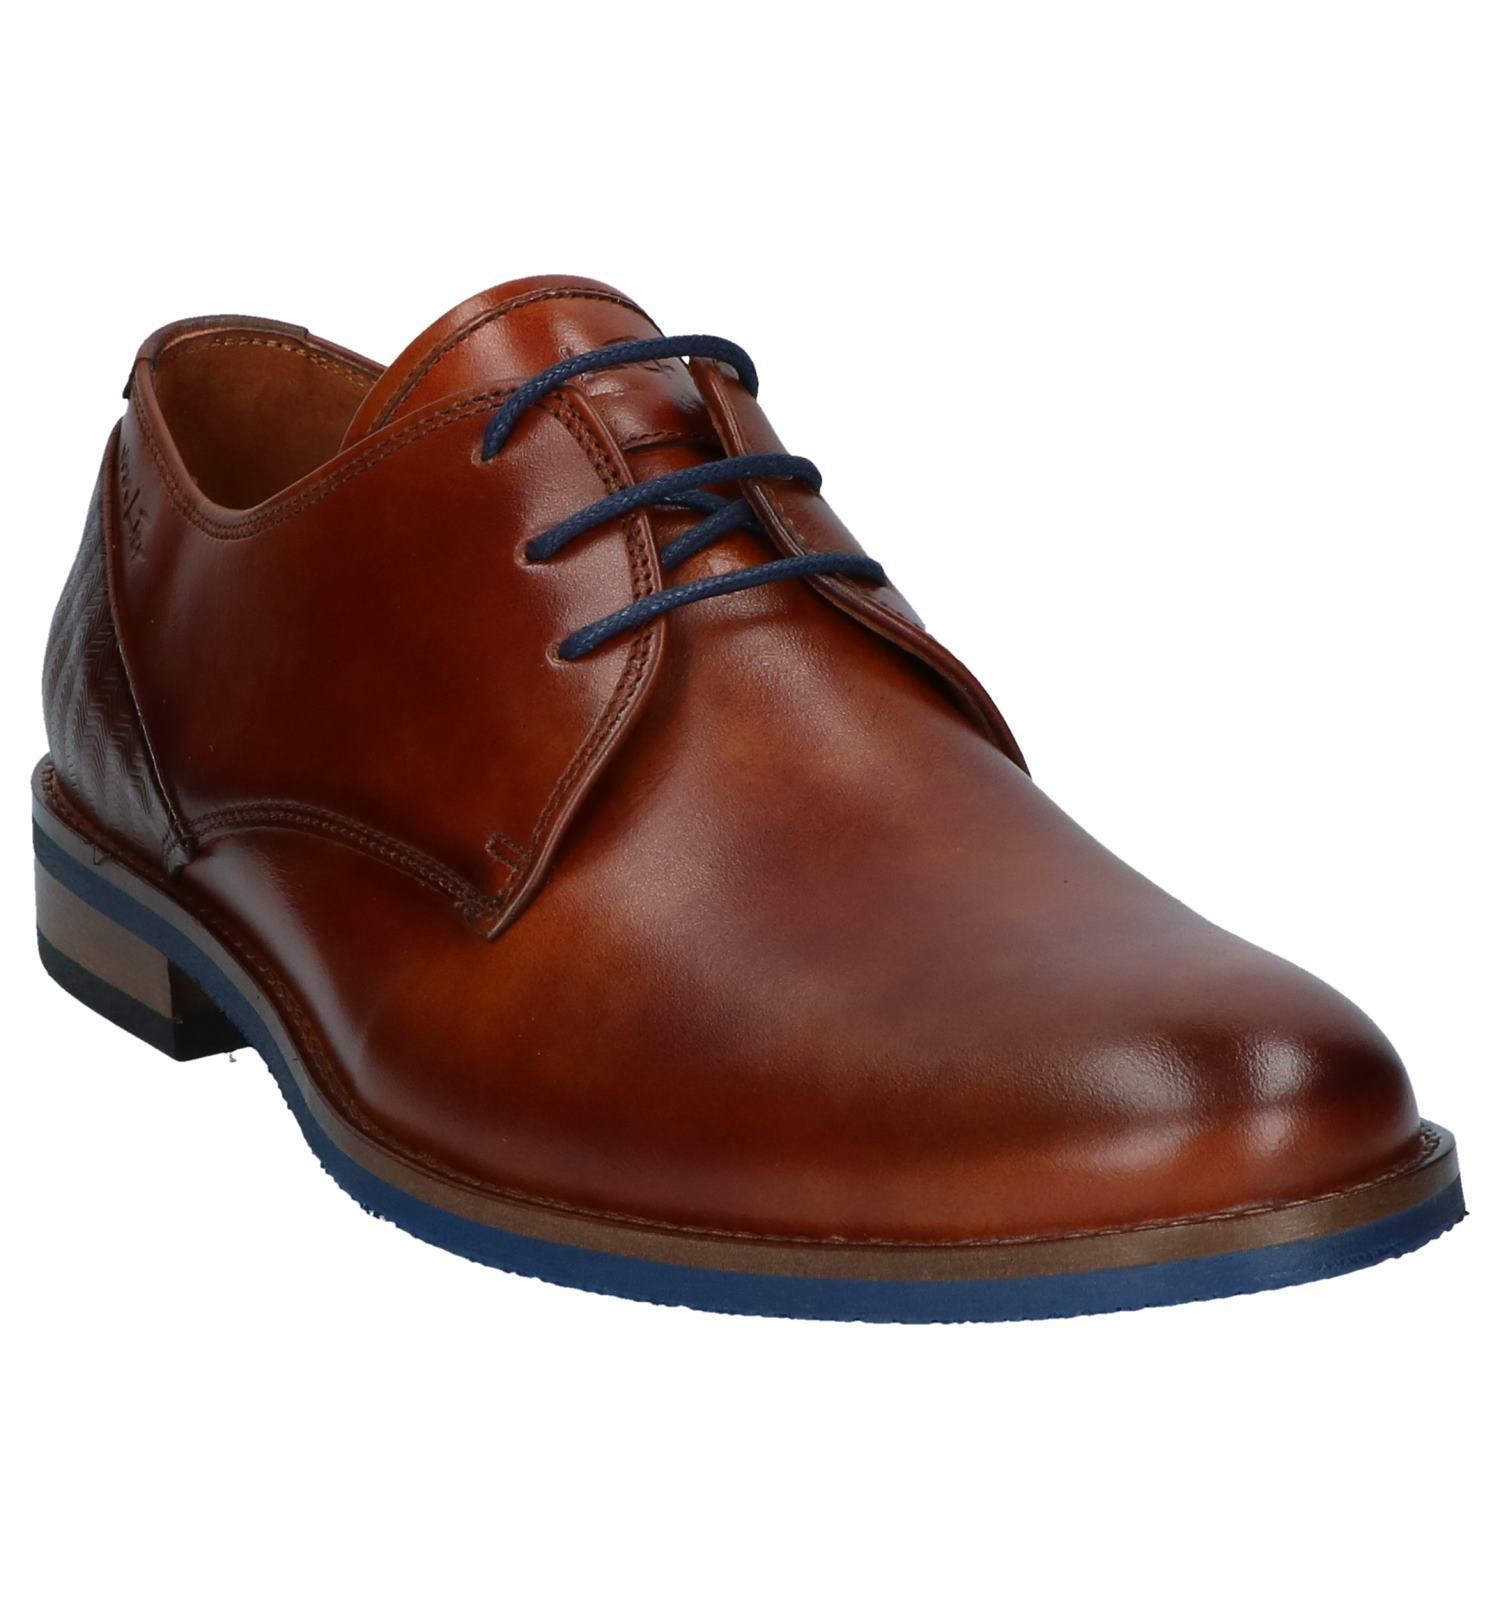 HabilléescognacTorfs Chaussures Lier Van be Et Livraison WD2IE9H